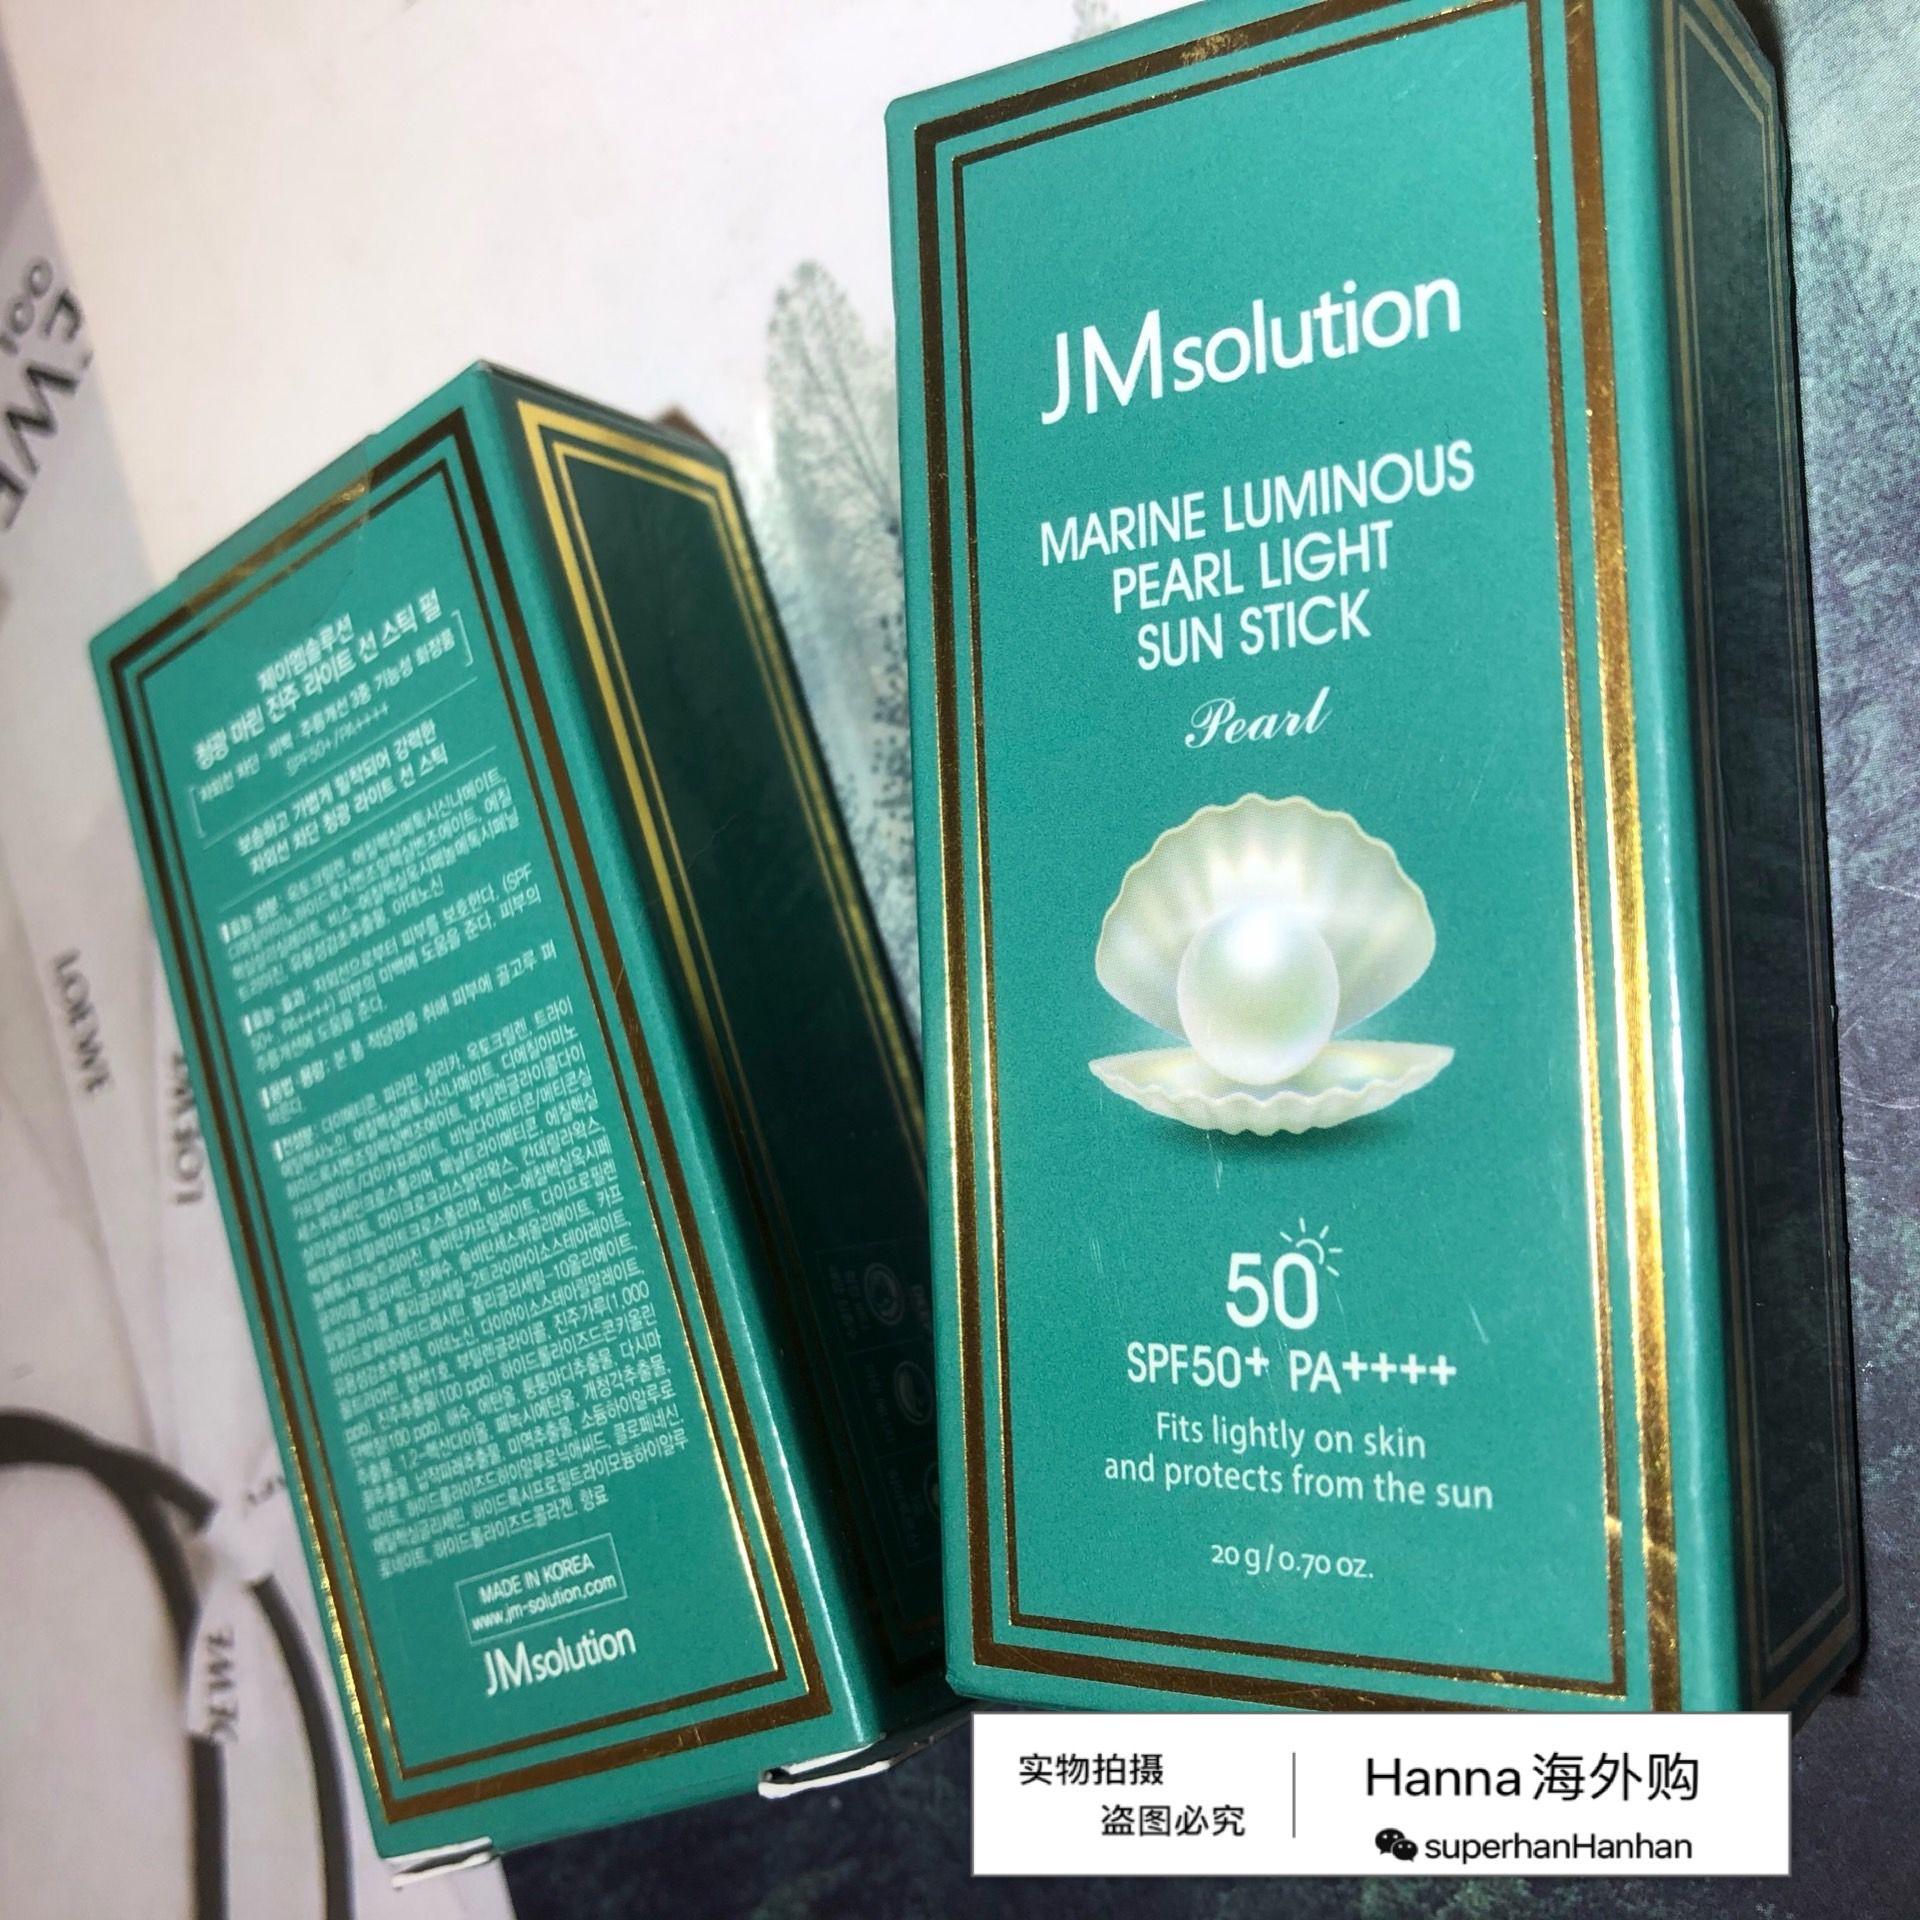 韩国JMsolution海洋珍珠玫瑰防晒棒全身防水可涂清爽防紫外线学生